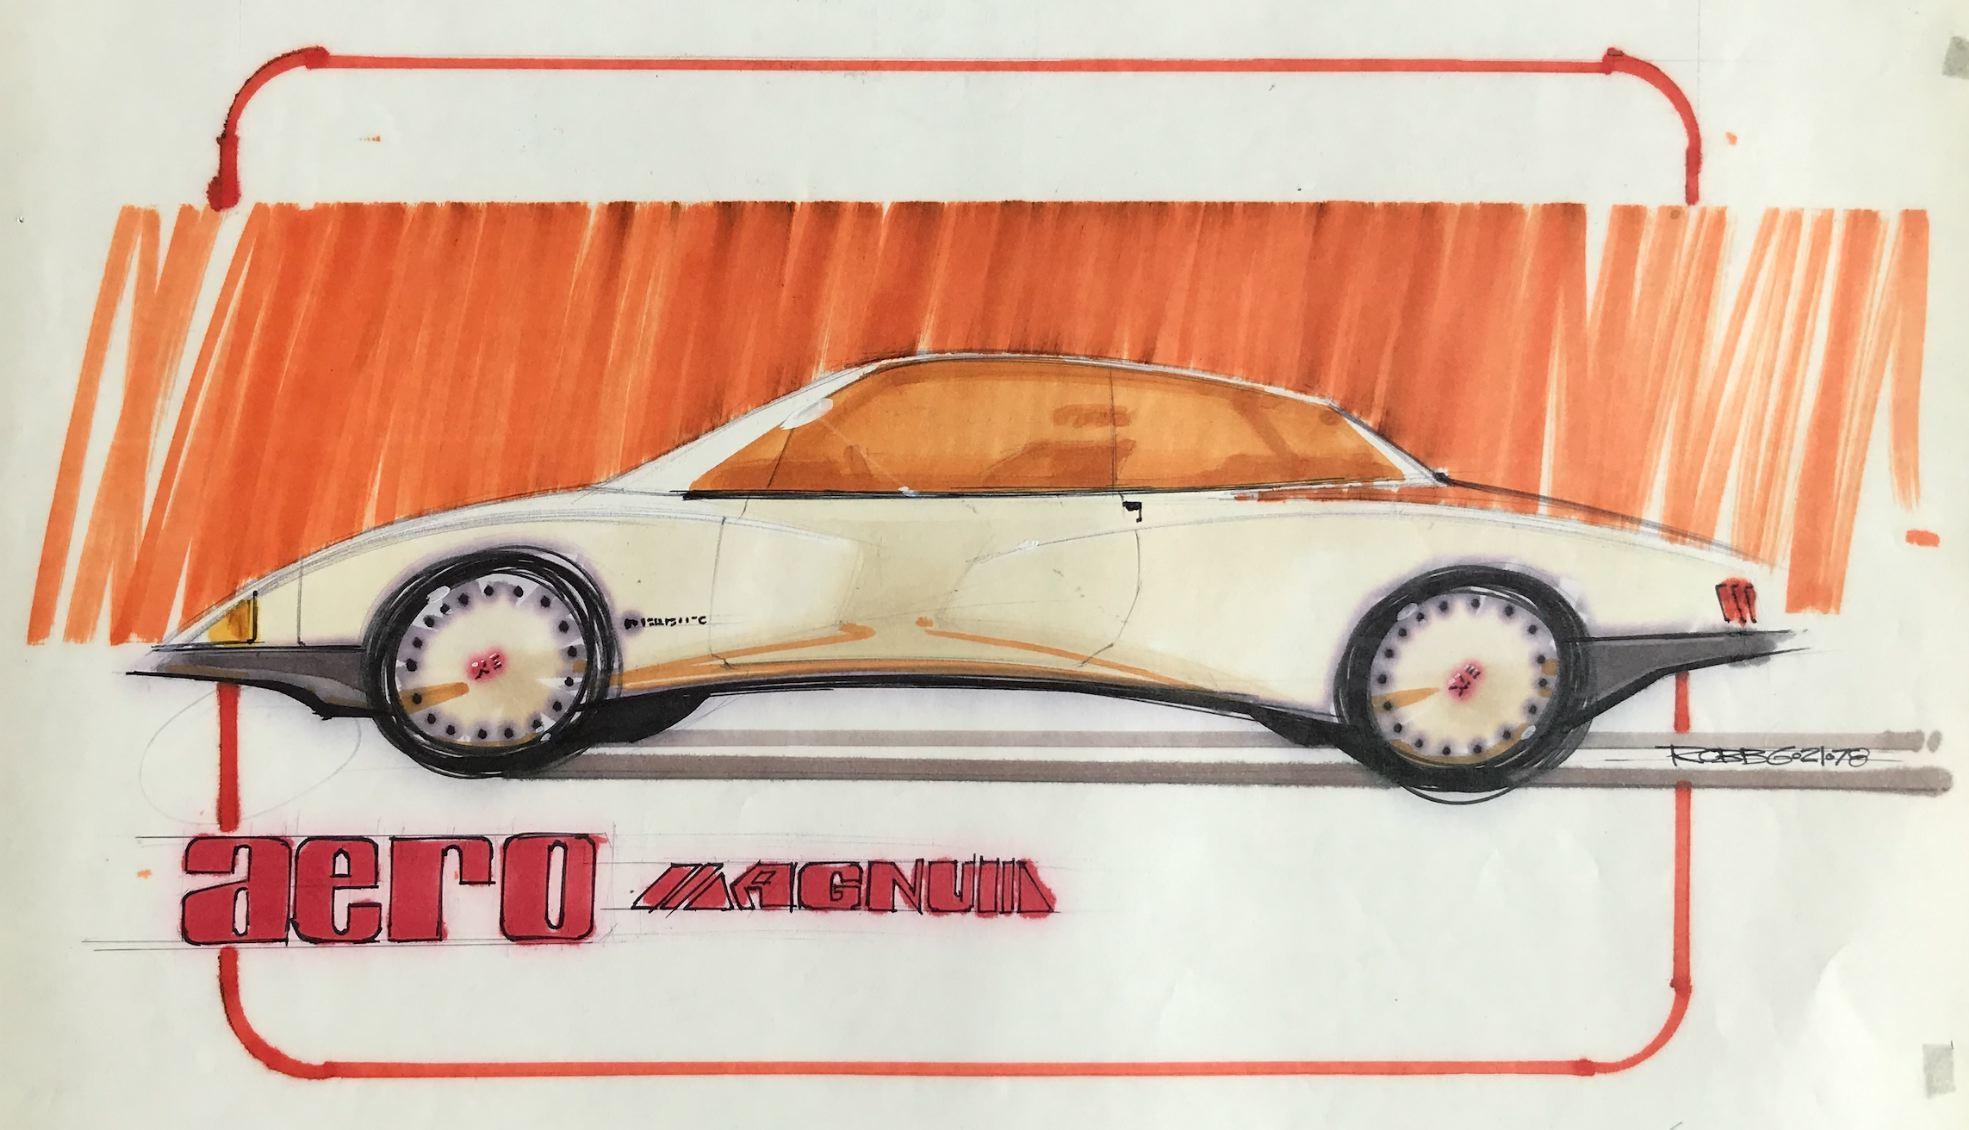 Chrysler 40 orange.jpg